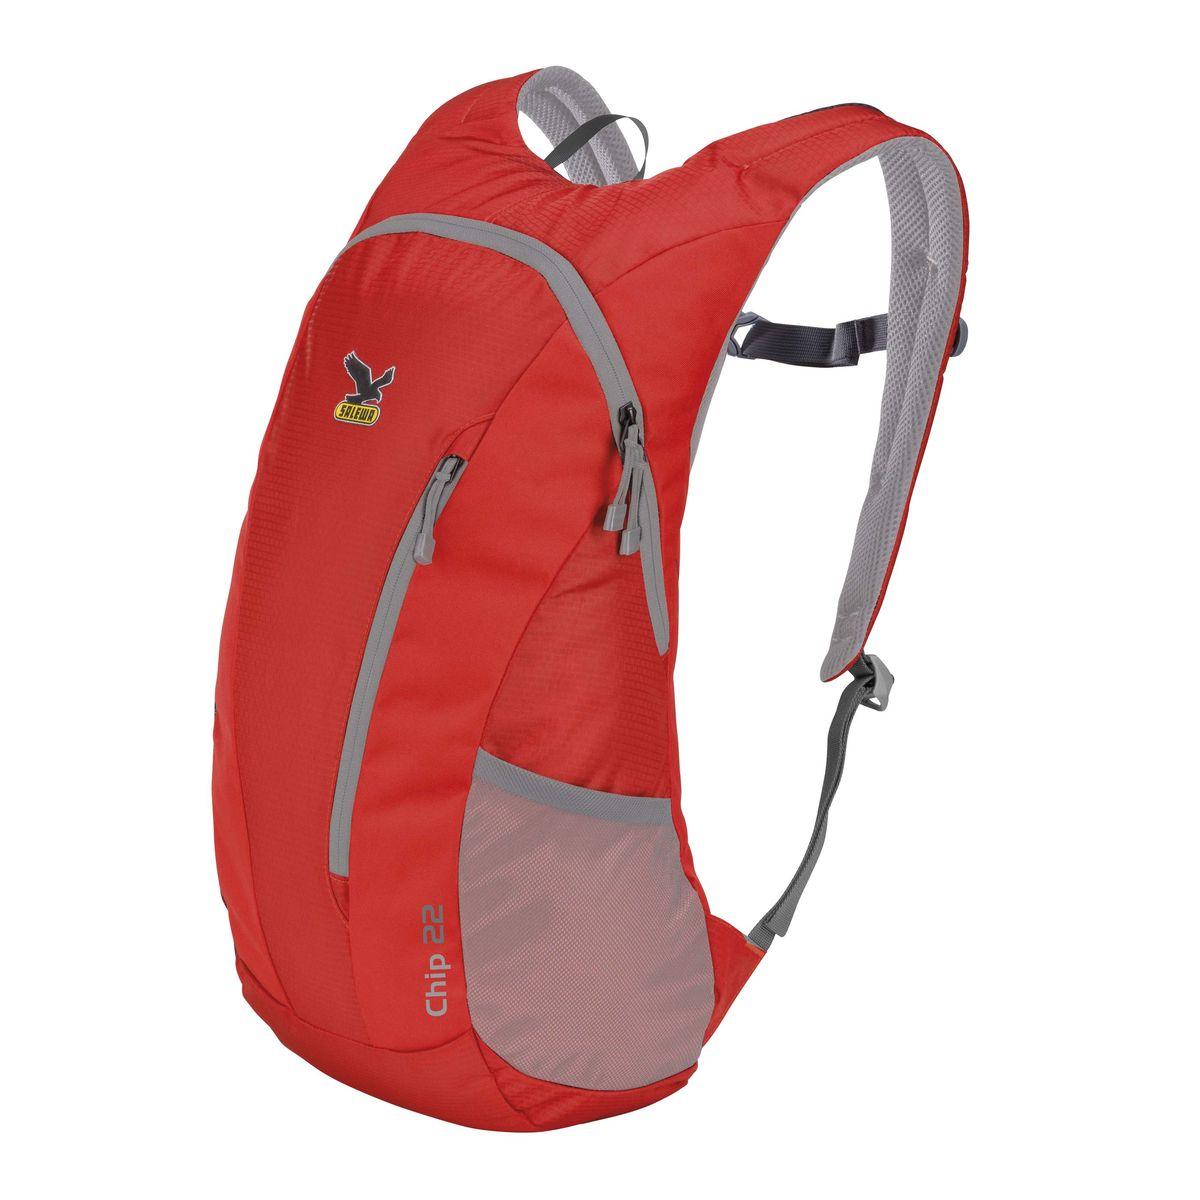 Рюкзак городской Salewa Chip 22, цвет: красный, 22 л. 1130_15001130_1500Стильный городской рюкзак Salewa Chip 22 выполнен из полиэстера. Изделие имеет одно основное отделение, которое закрывается на застежку-молнию. Внутри расположен накладной карман для небольшого ноутбука. Снаружи, на передней стенке находится прорезной карман на застежке-молнии, в который рюкзак компактно складывается. По бокам расположены сетчатые карманы на эластичных резинках.Рюкзак оснащен широкими регулирующими лямками и удобной ручкой для переноски в руках. Лямки дополнены регулируемым грудным ремнем. Спинка и внутренняя сторона лямок оснащена сетчатыми вставками, которые обеспечивают воздухопроницаемость и комфорт во время носки. Компактный городской рюкзак идеально подойдет для повседневного использования и активного досуга.